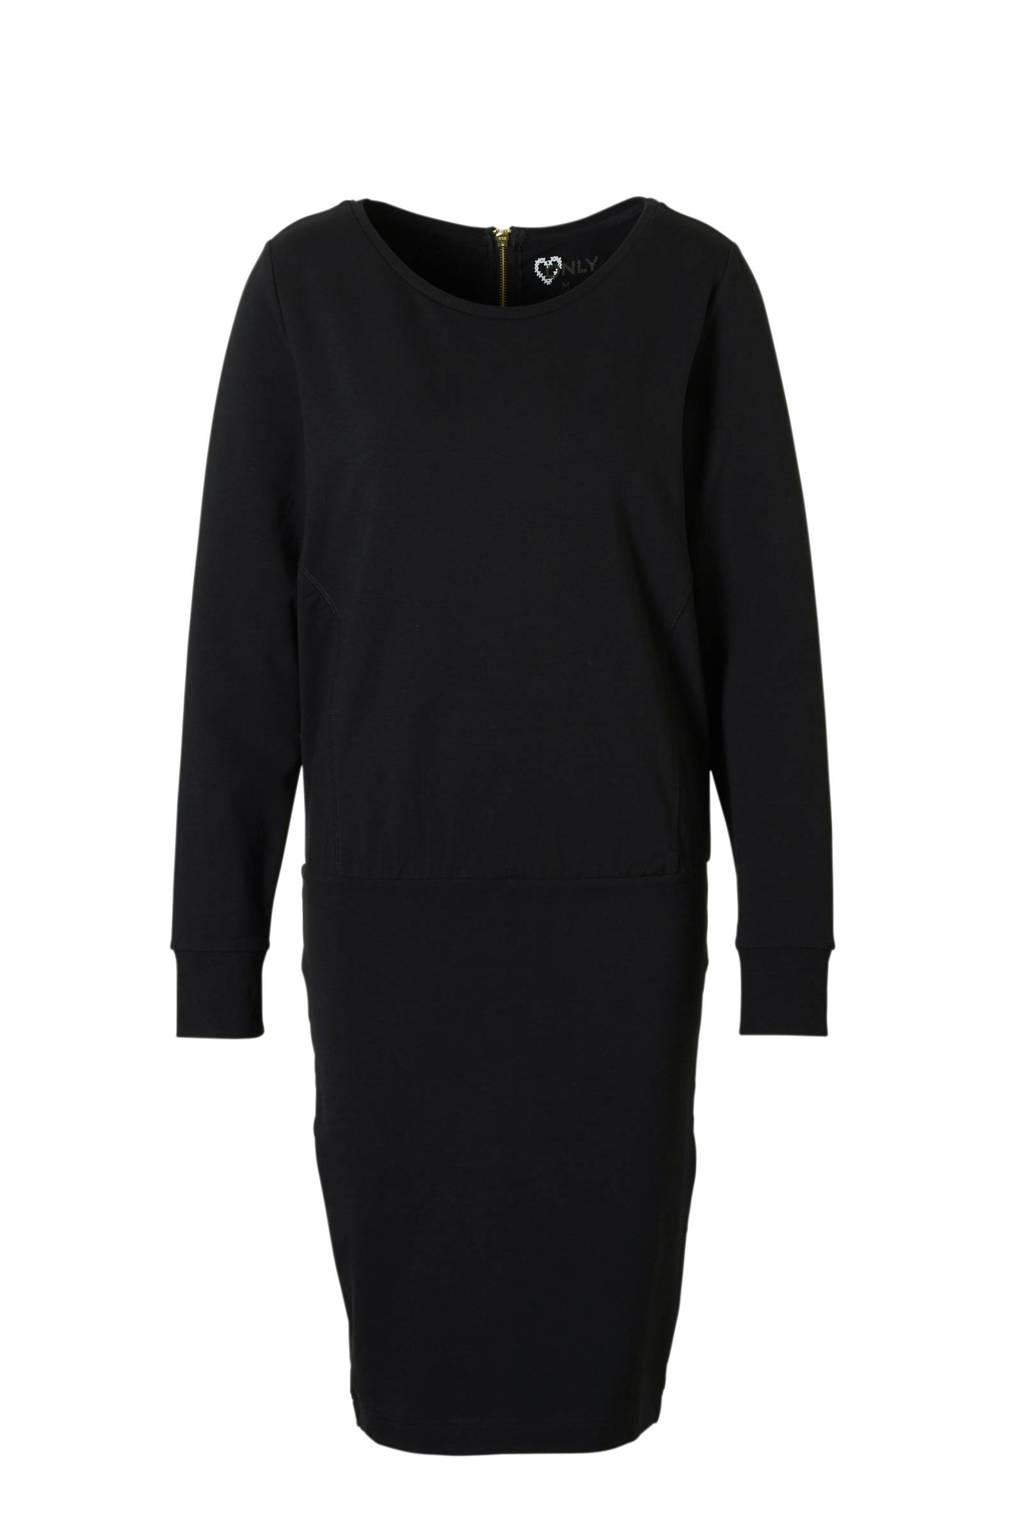 ONLY jurk Laura, Zwart